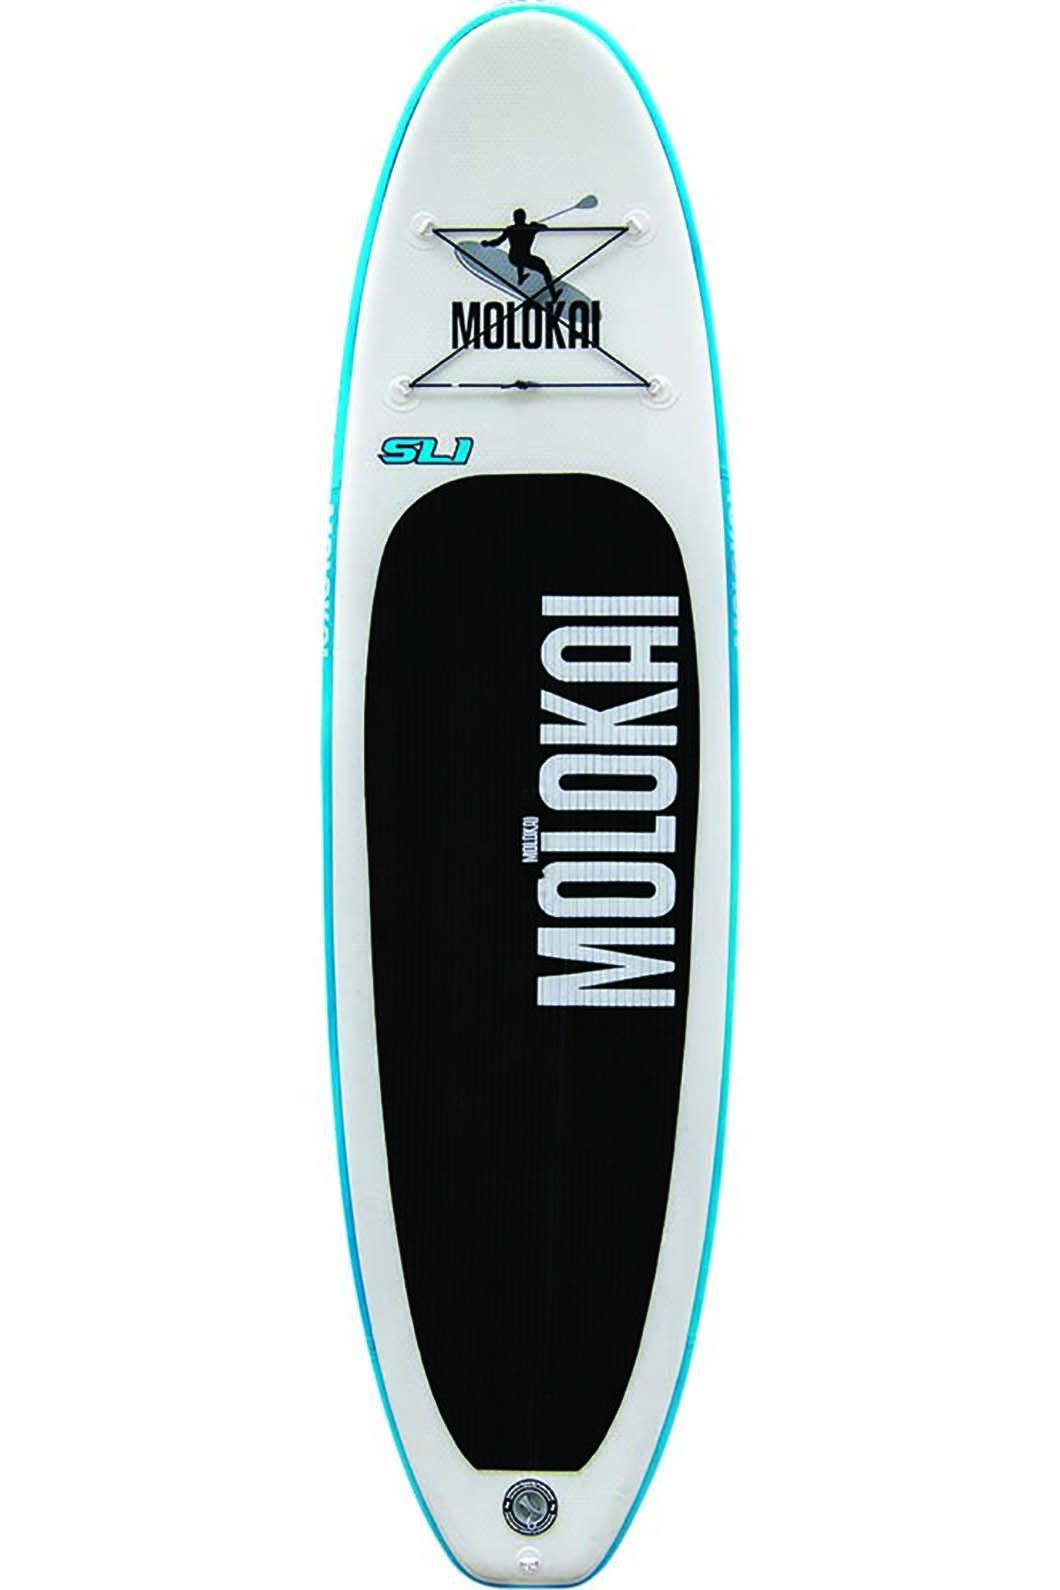 Molokai 10' Inflatable SLI SUP, None, hi-res